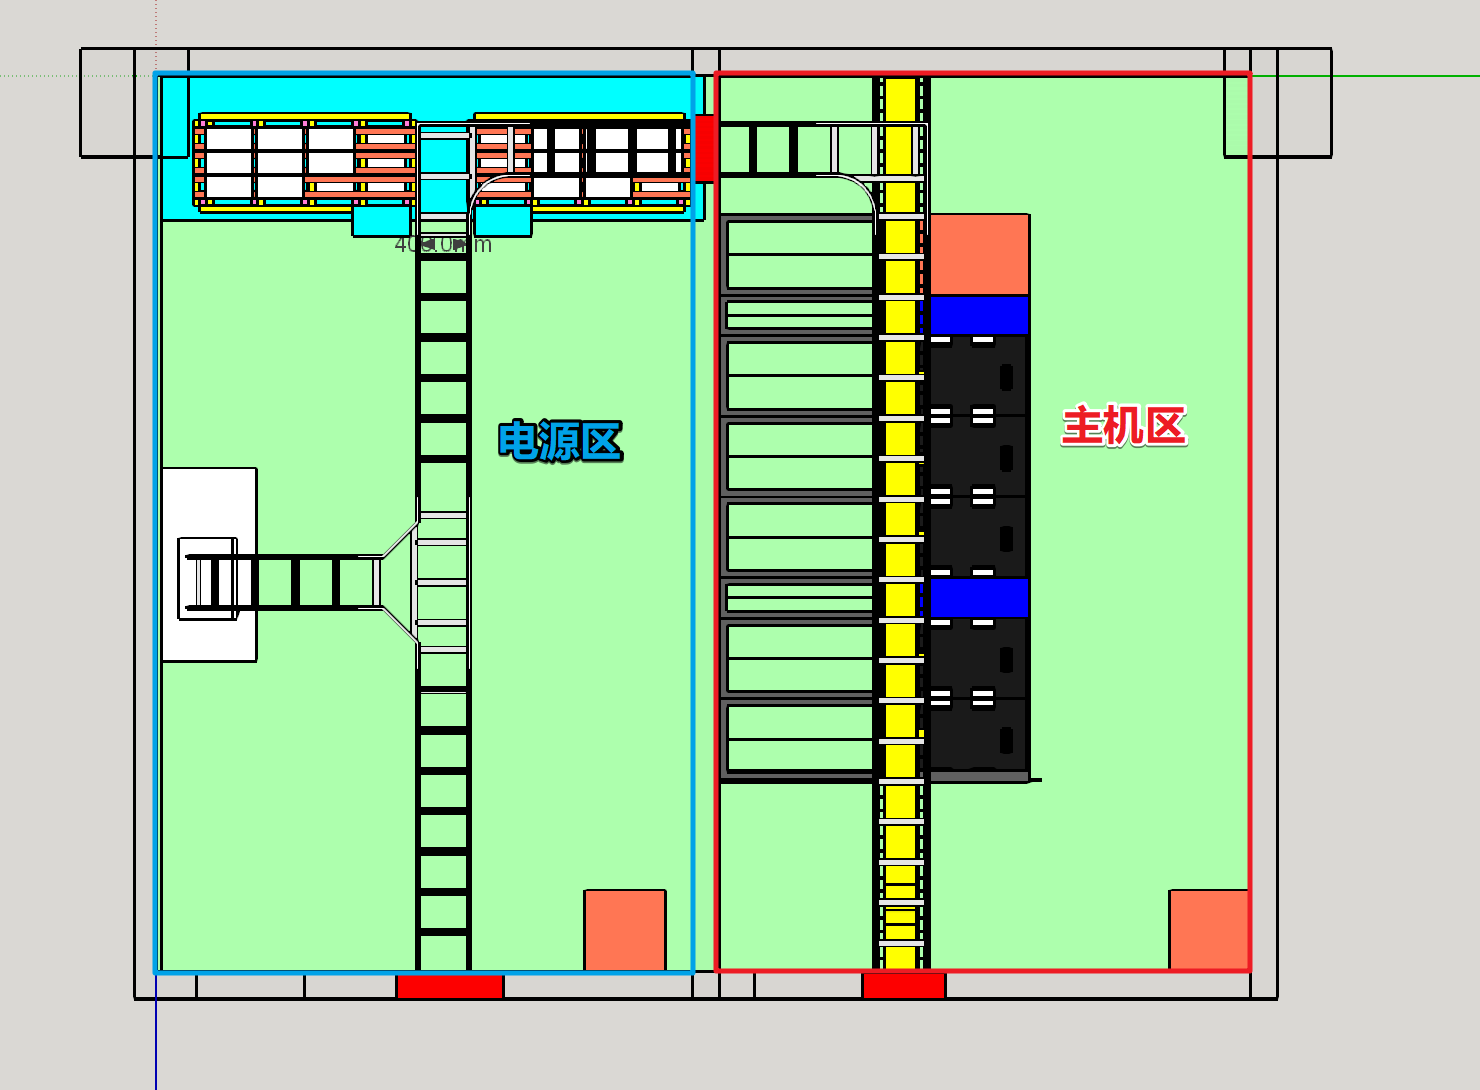 [原创]分享一个工业企业级的数据机房架构